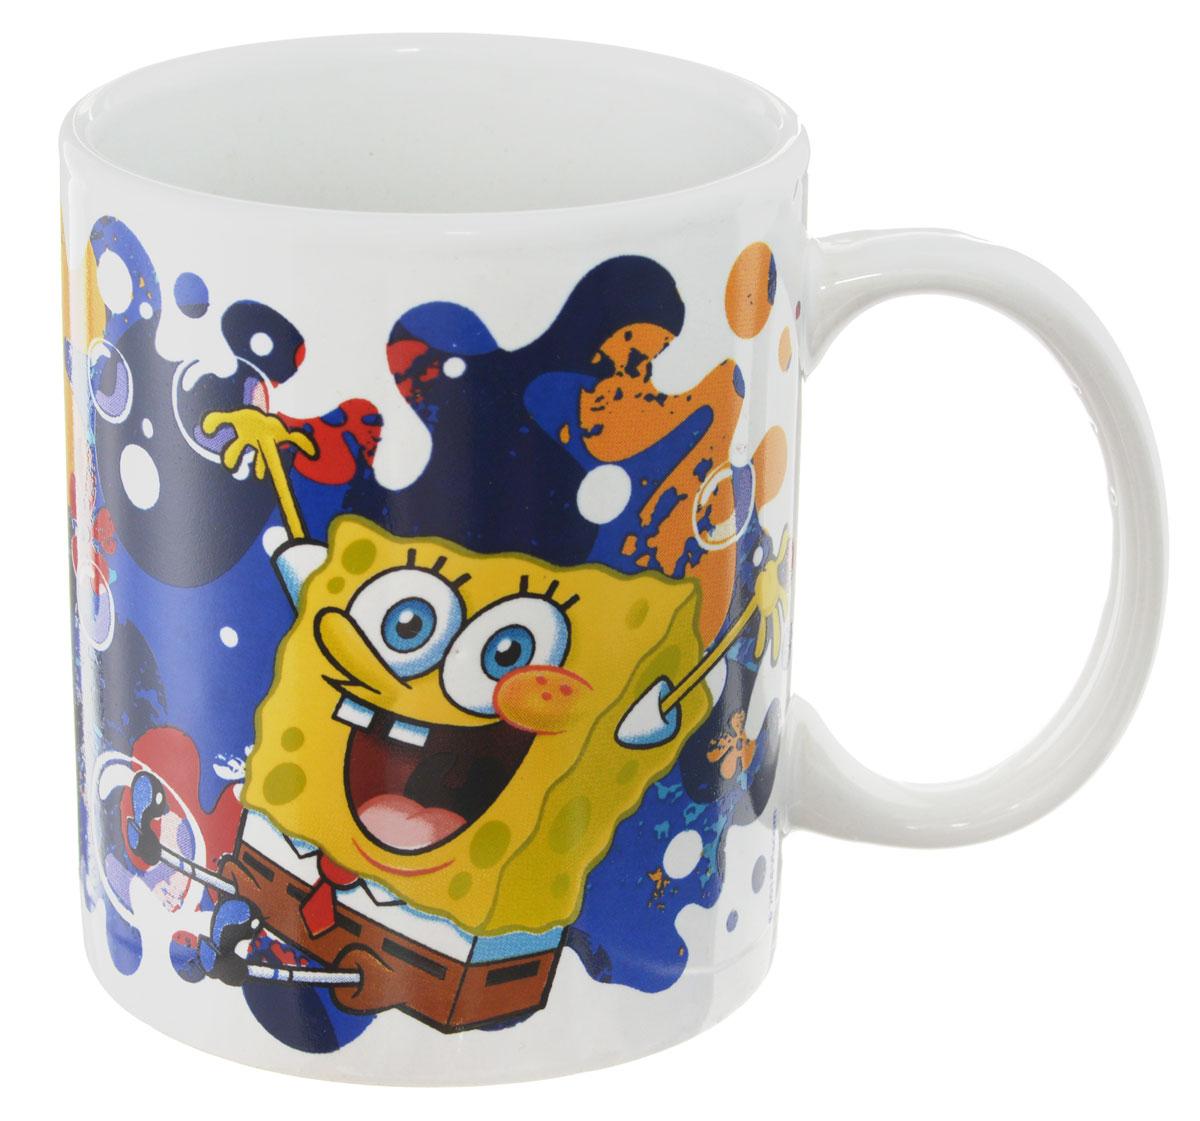 Губка Боб Кружка детская Океан счастья 330 млSBM330-3Детская кружка Губка Боб Океан счастья с любимыми героями станет отличным подарком для вашего ребенка. Она выполнена из керамики и оформлена изображением героев мультсериала Губка Боб.Кружка дополнена удобной ручкой. Такой подарок станет не только приятным, но и практичным сувениром: кружка будет незаменимым атрибутом чаепития, а оригинальное оформление кружки добавит ярких эмоций и хорошего настроения.Можно использовать в СВЧ-печи и посудомоечной машине.